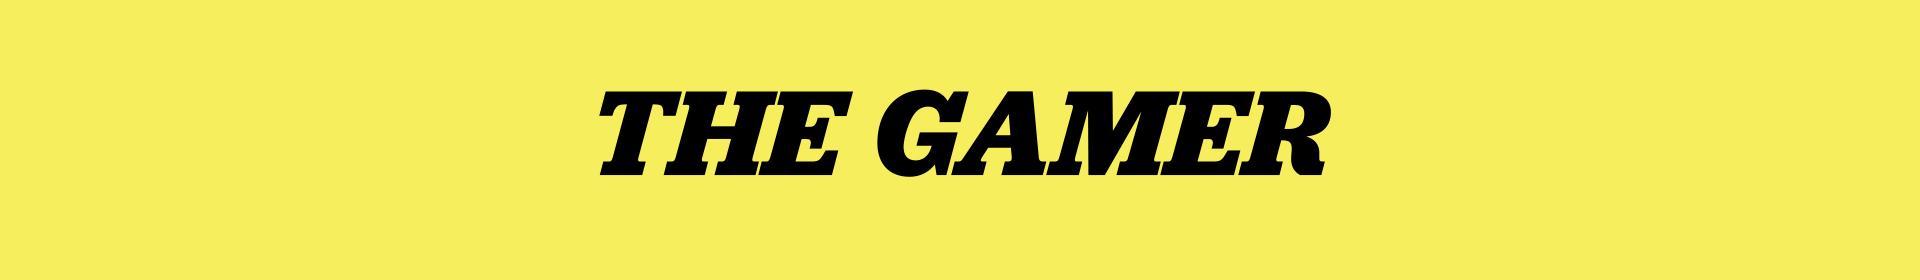 BTS Shop The Gamer